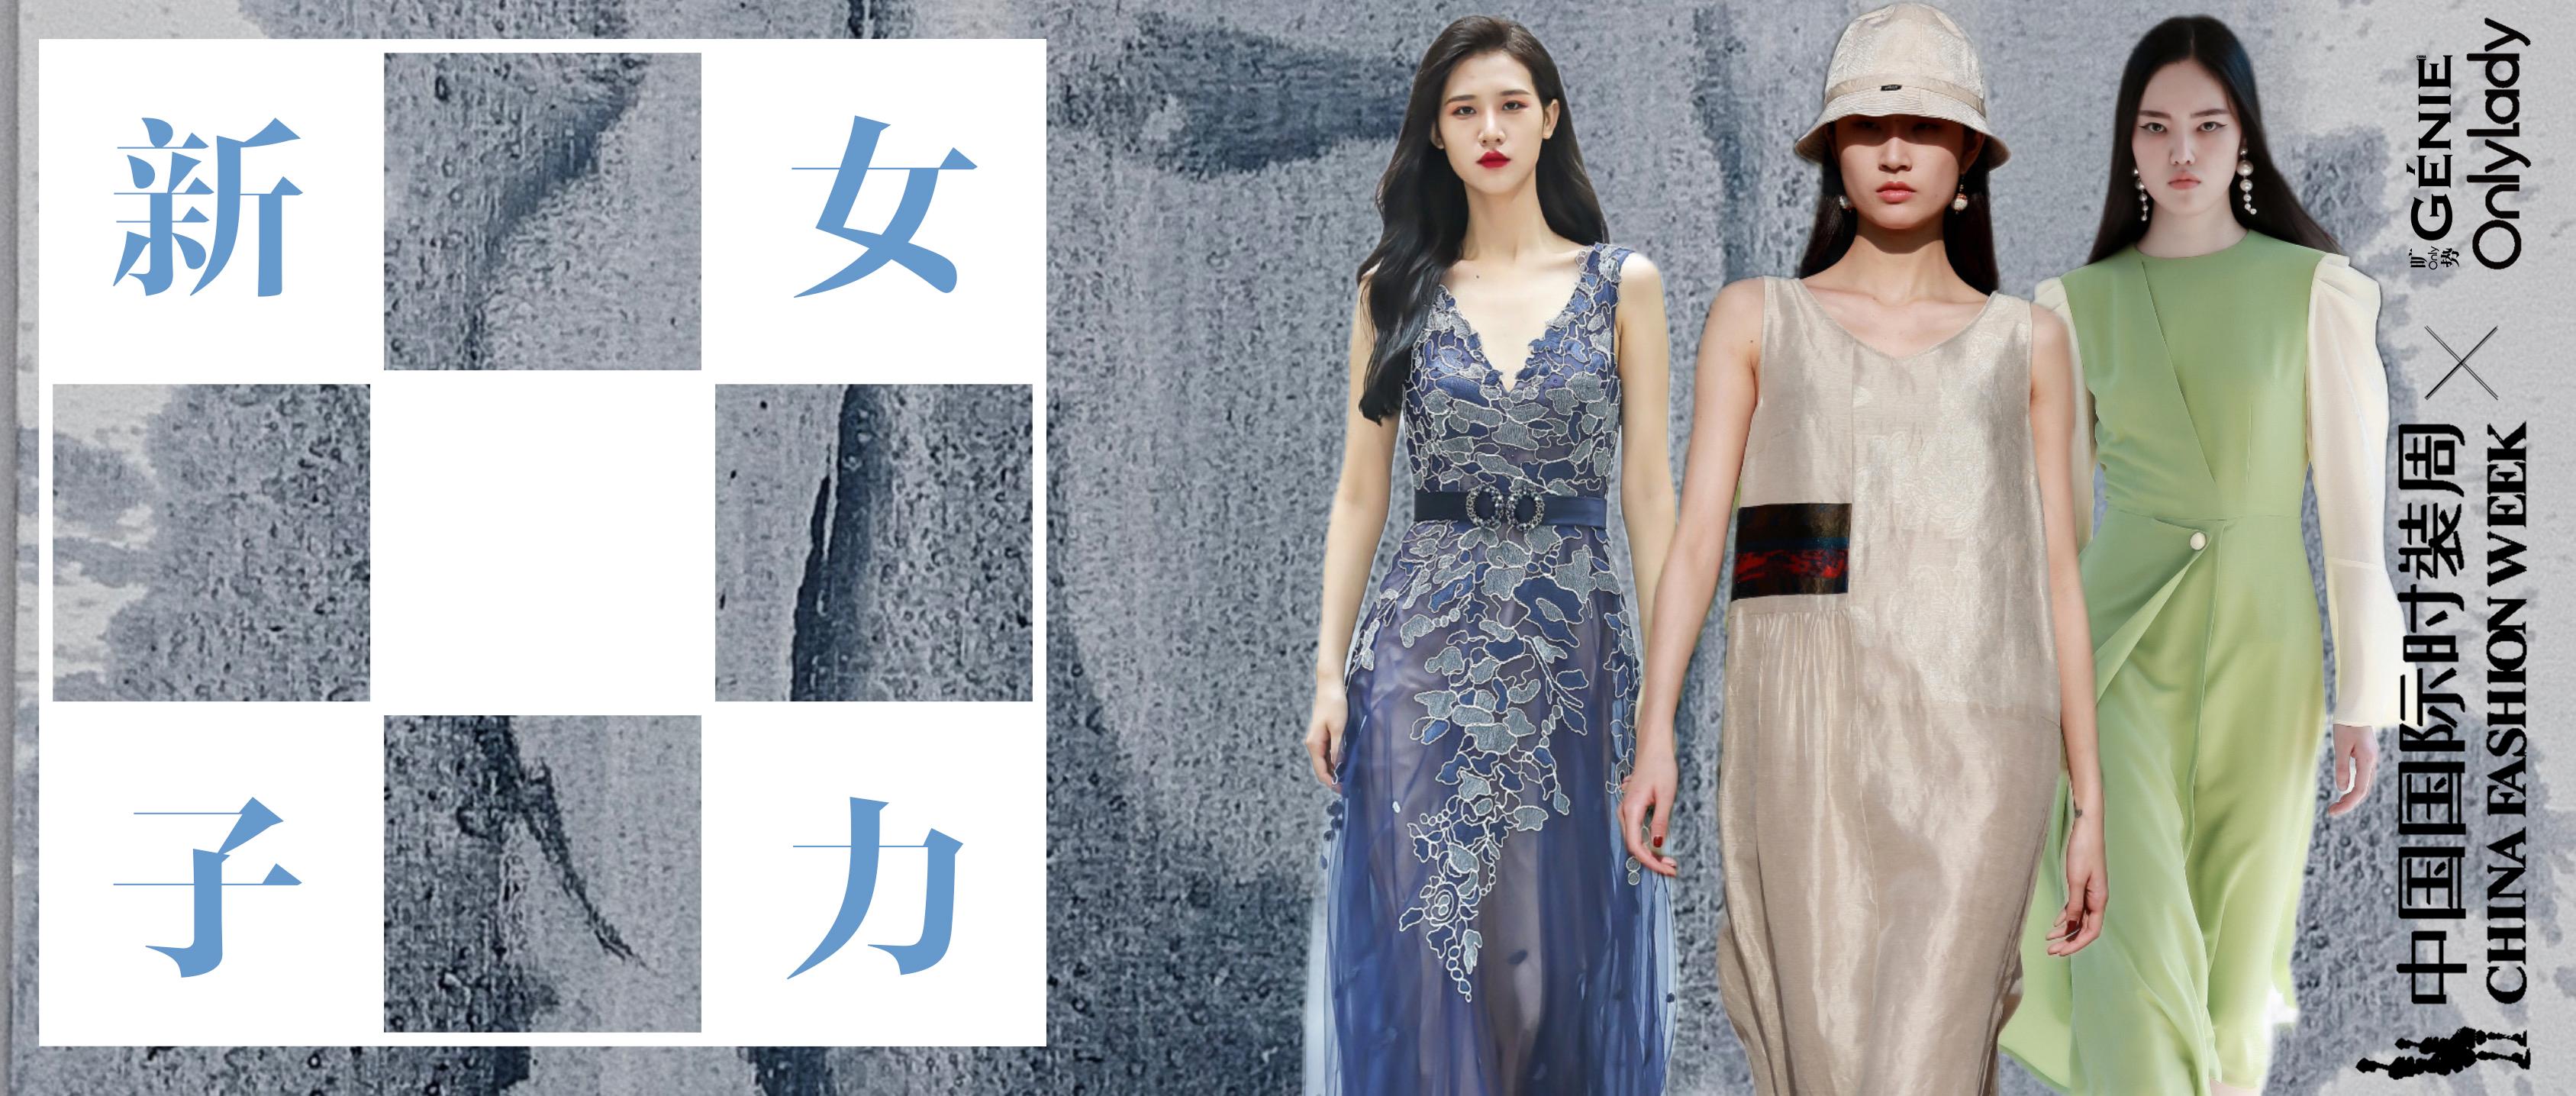 今日份的中国国际时装周,充满了女性的力量......